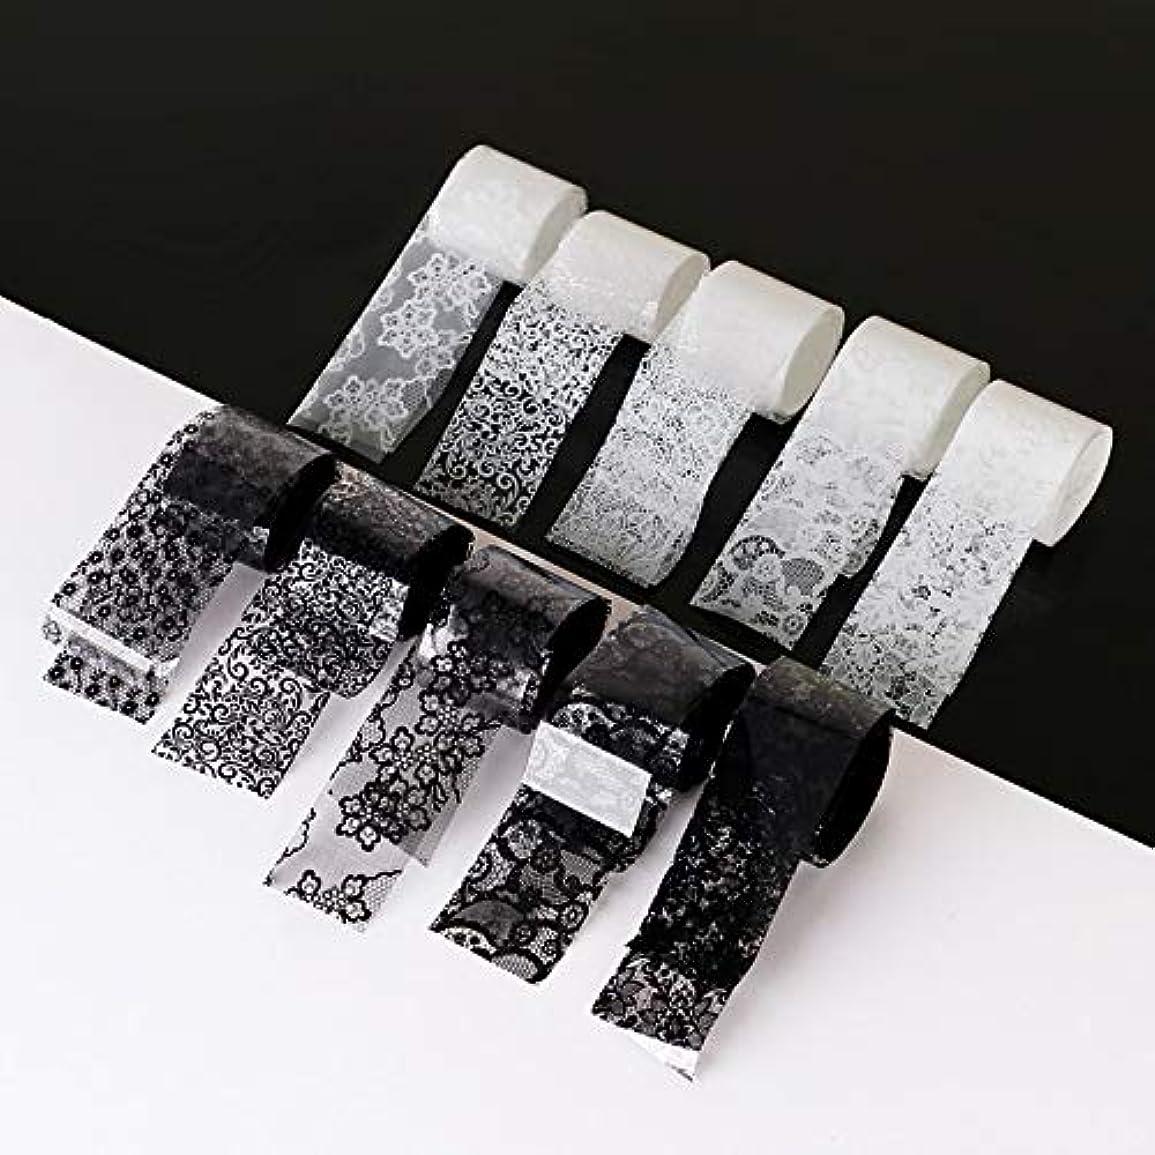 はちみつ下手嬉しいです10ロール/箱新しい黒白いレースネイルアート転写箔ステッカーセクシーな花の接着剤ネイルシールdiyマニキュアツール2.5 * 100センチ